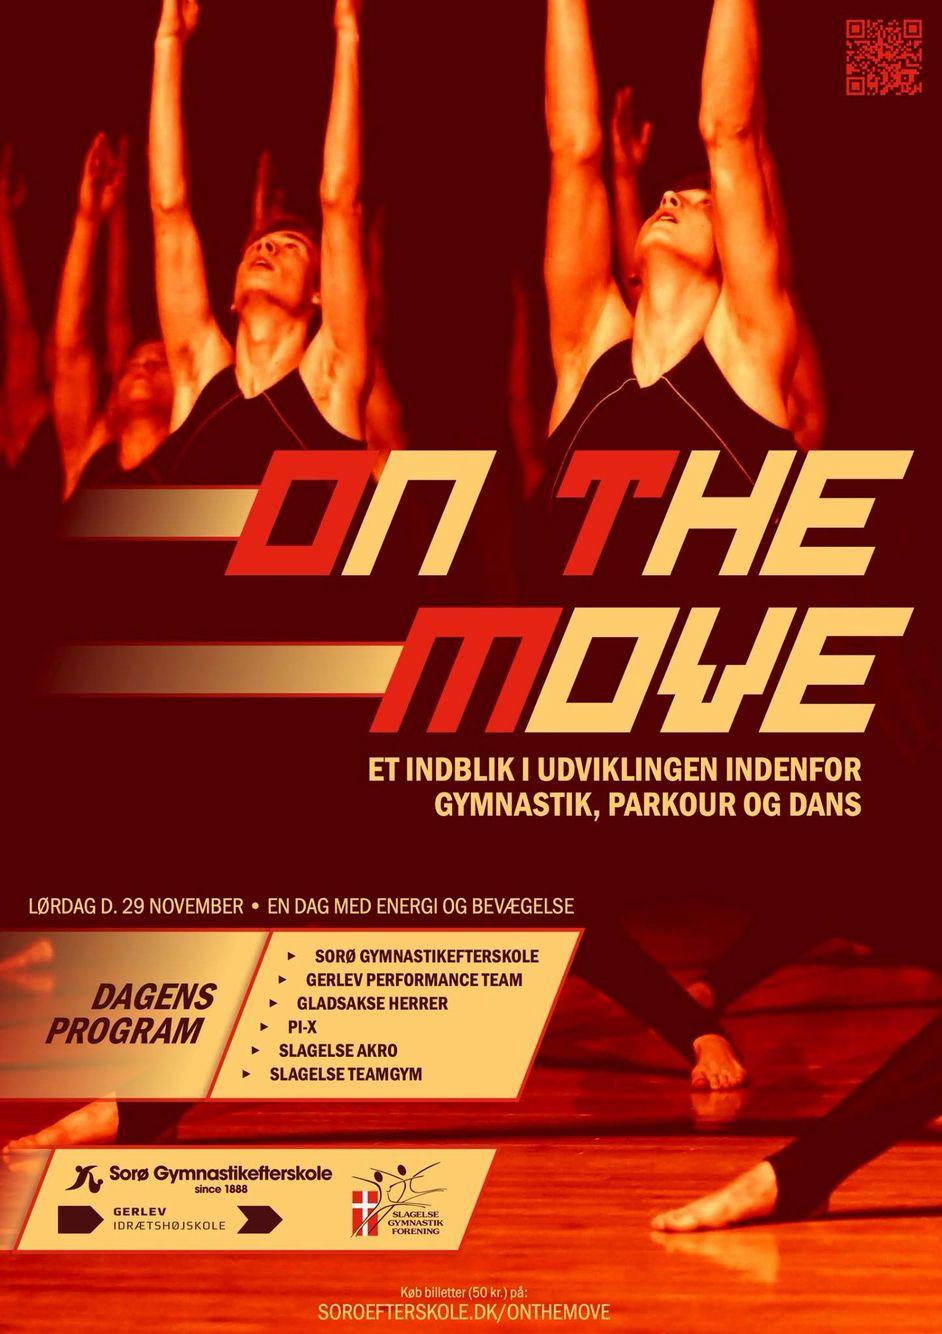 On the Move - kom til en fantastisk gymnastikopvisning. Ses vi lørdag den 29. november kl. 14.00 i Slagelse... #soroefterskole #onthemove #slagelsegf #gerlev